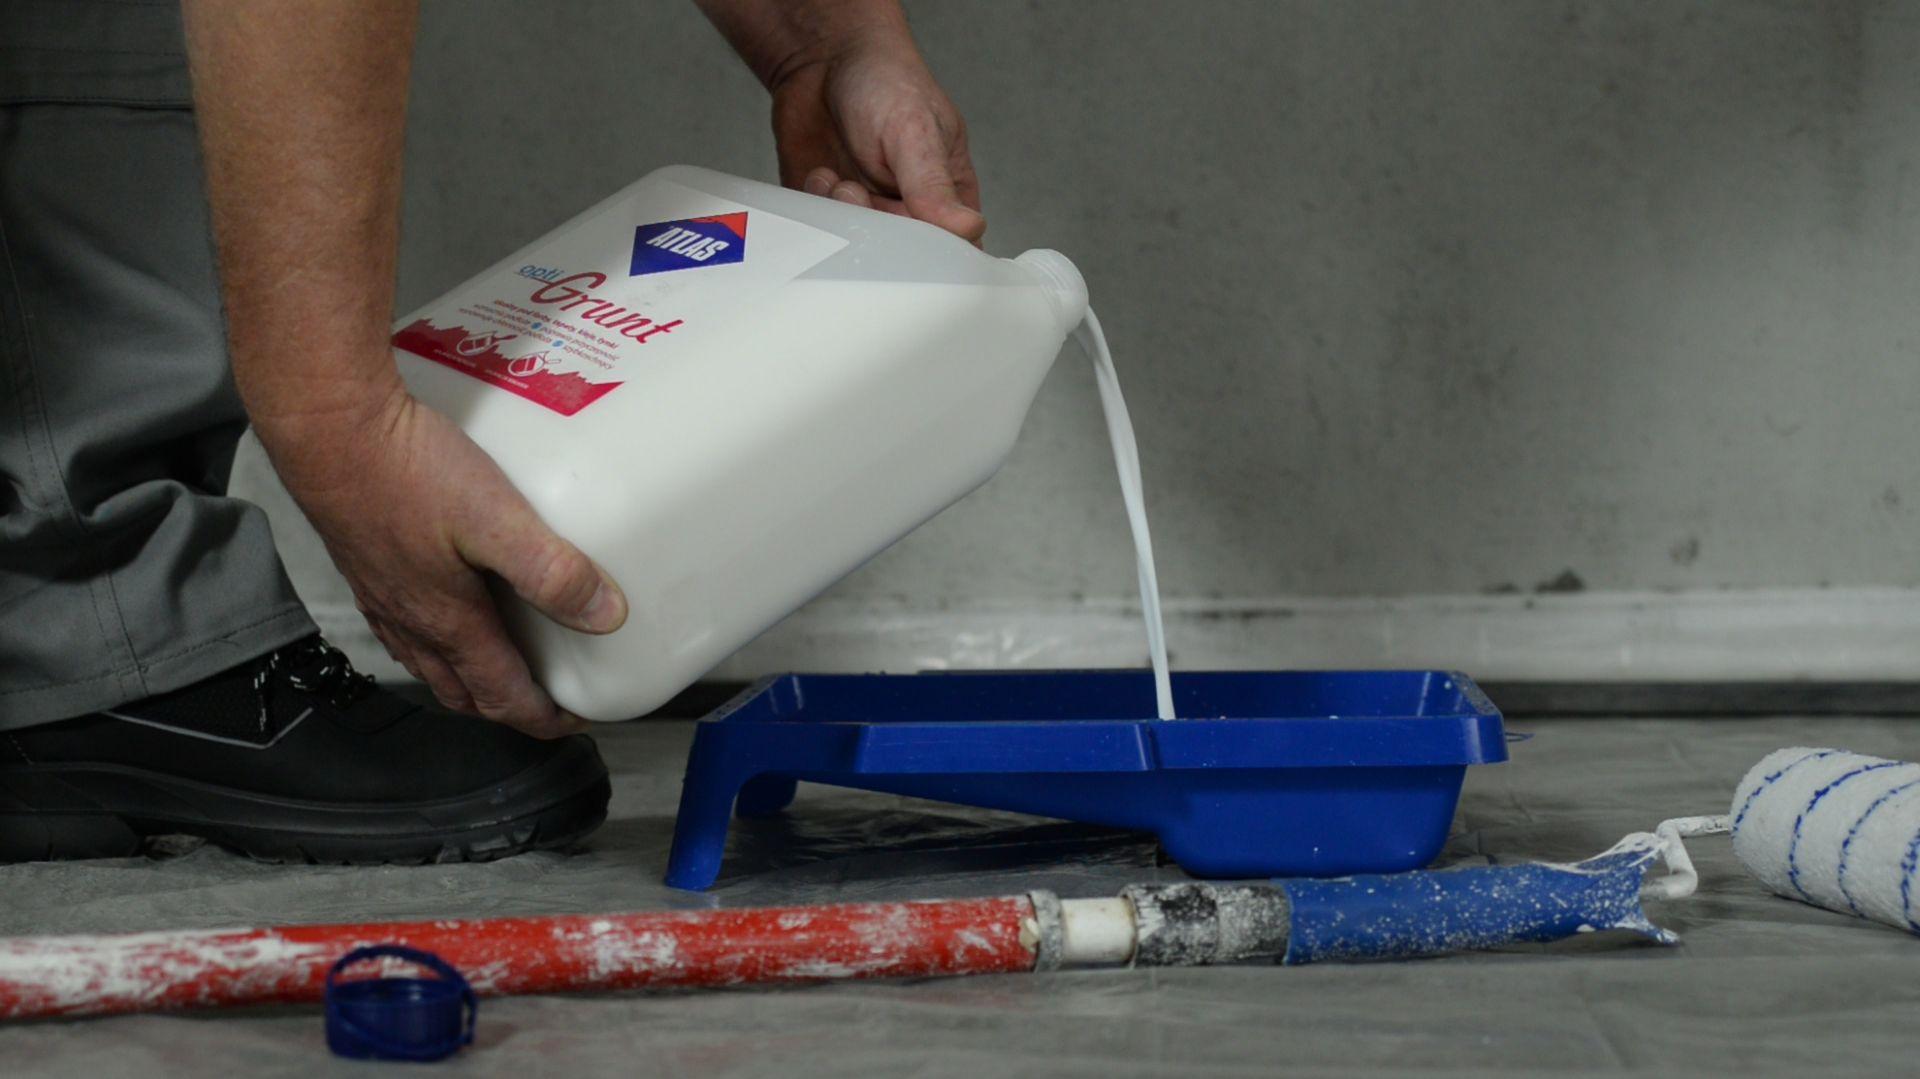 Przygotowanie podłoża pod malowanie, niezależnie czy jest to sufit, czy ściana, wymaga odpowiedniej diagnozy podłoża. Może się okazać, że wierzchnia warstwa ściany jest niestabilna. Po odpyleniu nadal nadmiernie się obsypuje lub pyli. Wtedy niezbędne jest zastosowanie preparatu gruntującego. Fot. Atlas